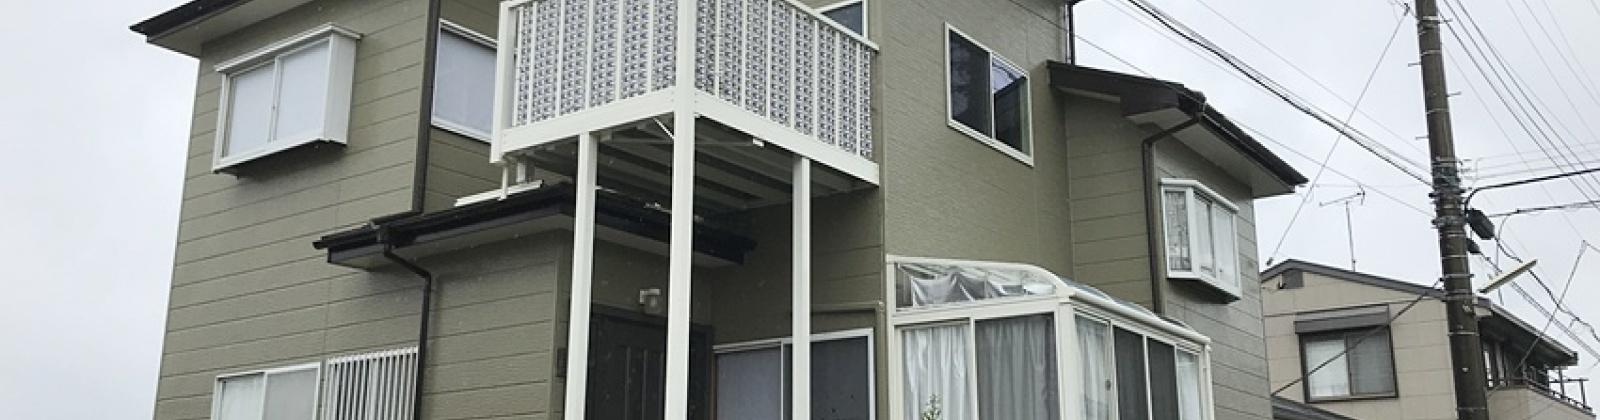 香取郡多古町, 千葉県, ,外壁屋根塗装,無機塗料,1050